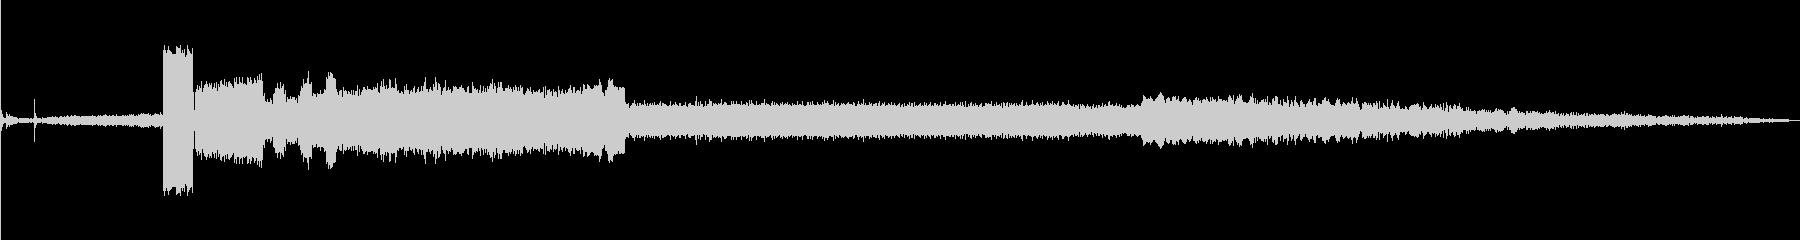 電気式ロボットサーボモーター:スタ...の未再生の波形